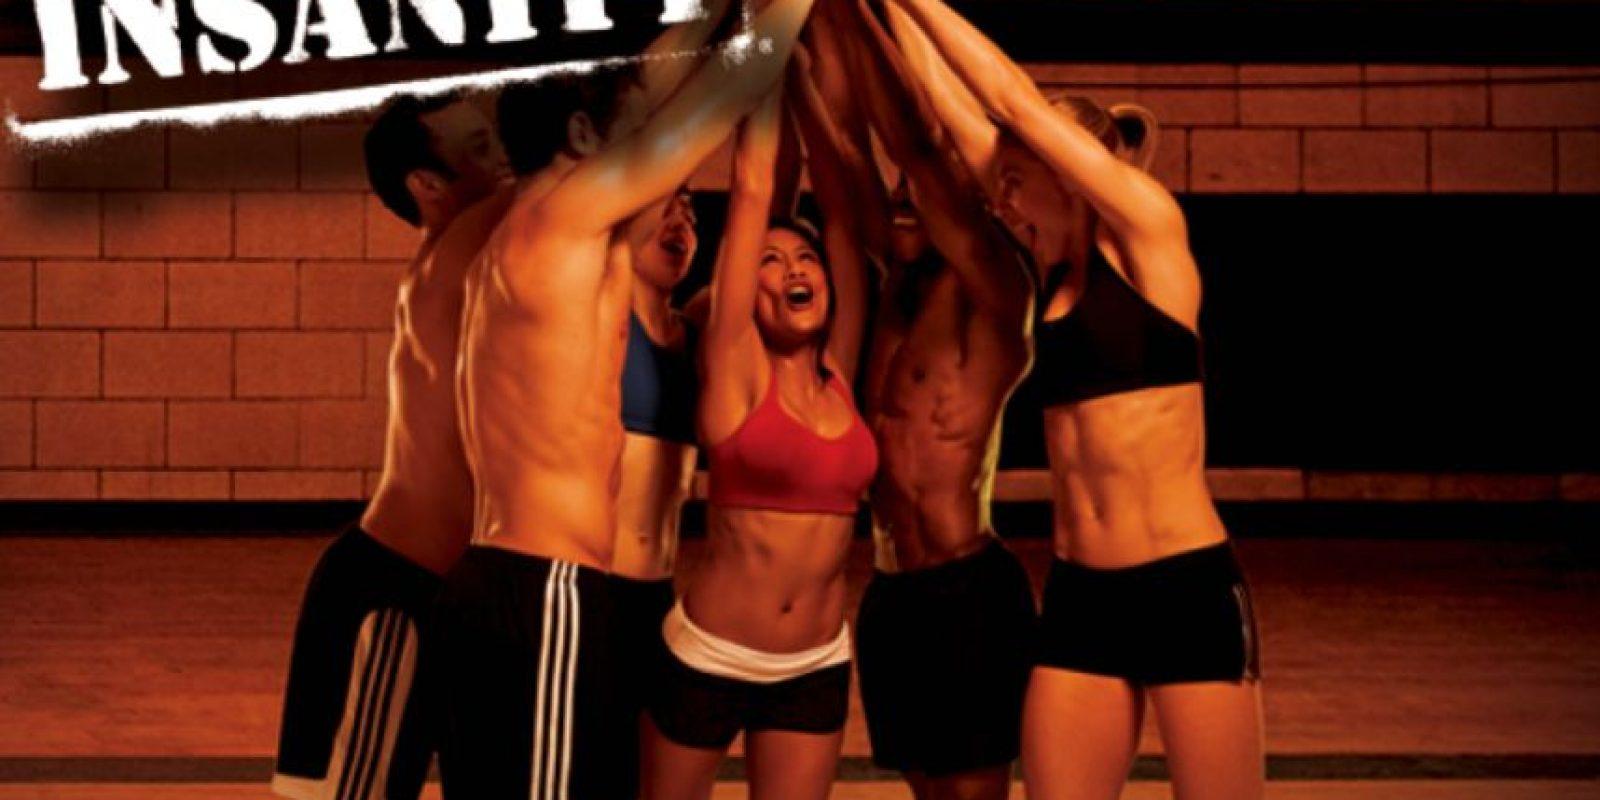 Contras: No desarrollas musculatura, poca gente lo termina con calidad, no es progresivo y tiene muchos saltos peligrosos Foto:Twitter: @Insanity